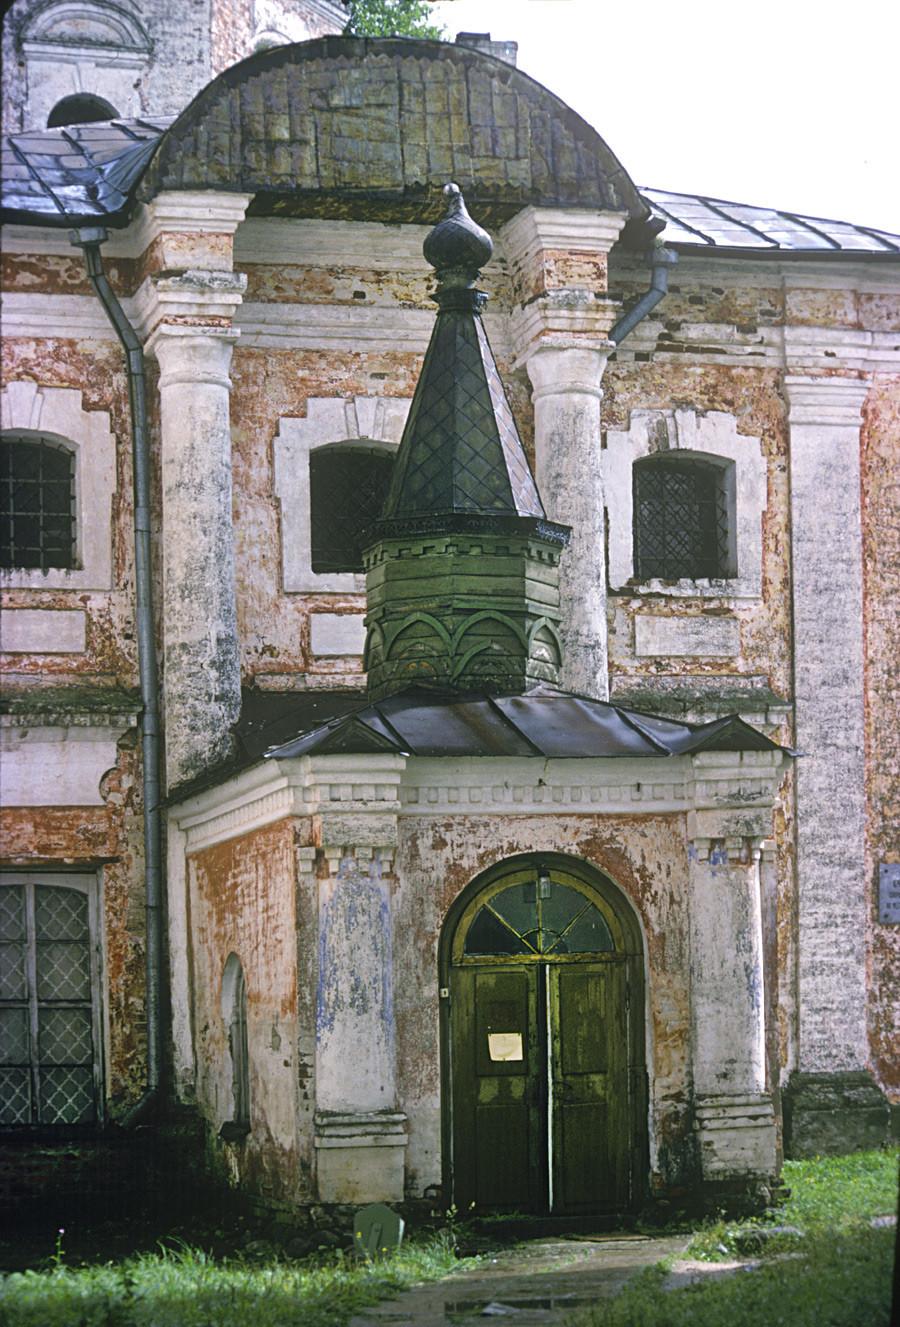 Monastère Saint-Cyrille-Belozersk. Église de Saint-Cyrille-Belozersk, façade ouest et entrée principale.